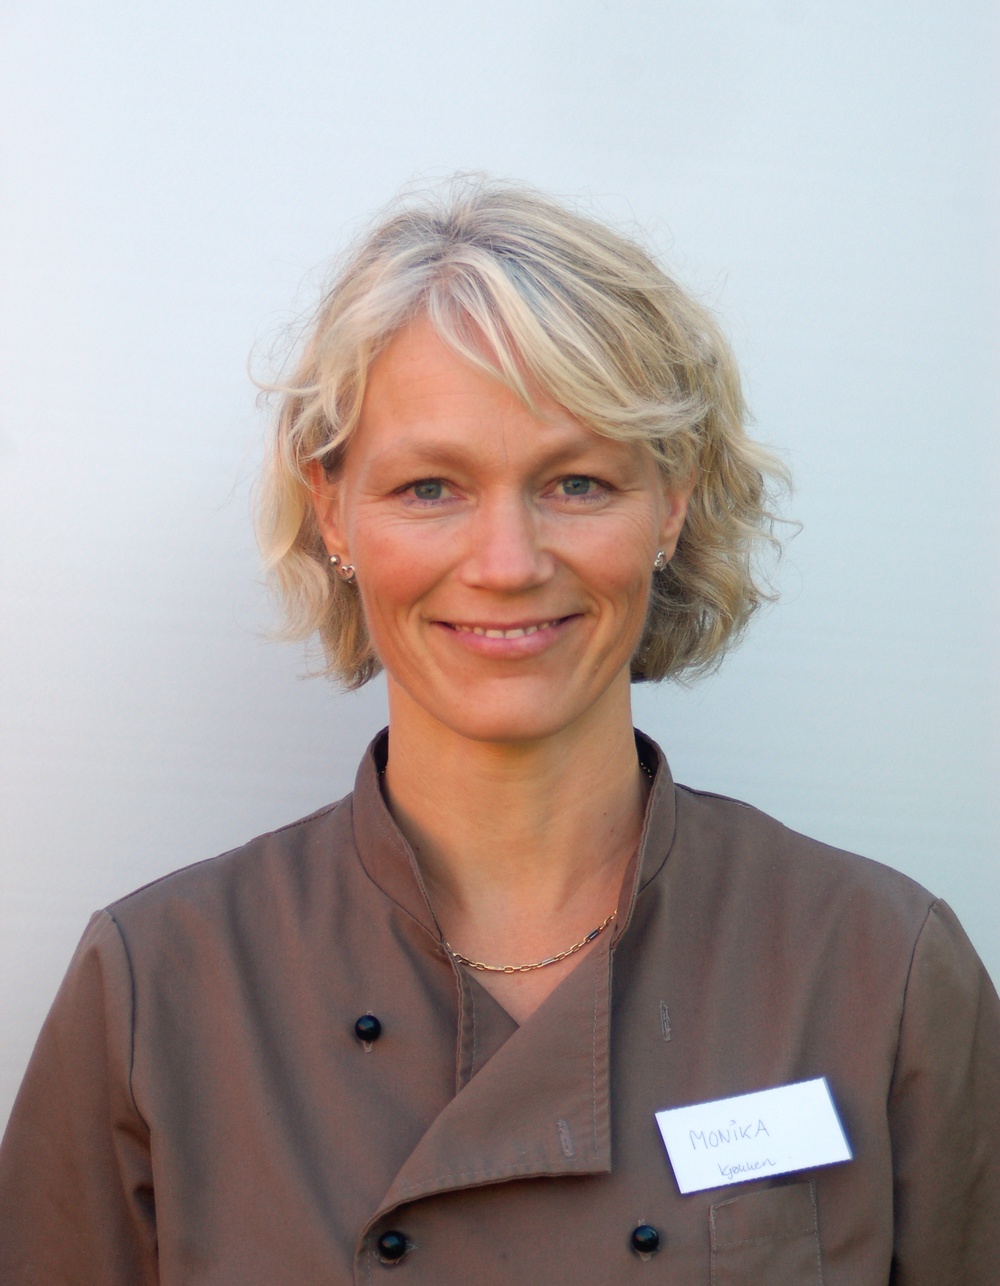 Monika Brekkvassmo Internat/kjøkken.Monika ogde andre på kjøkkenet lager god, variert og næringsrik mat